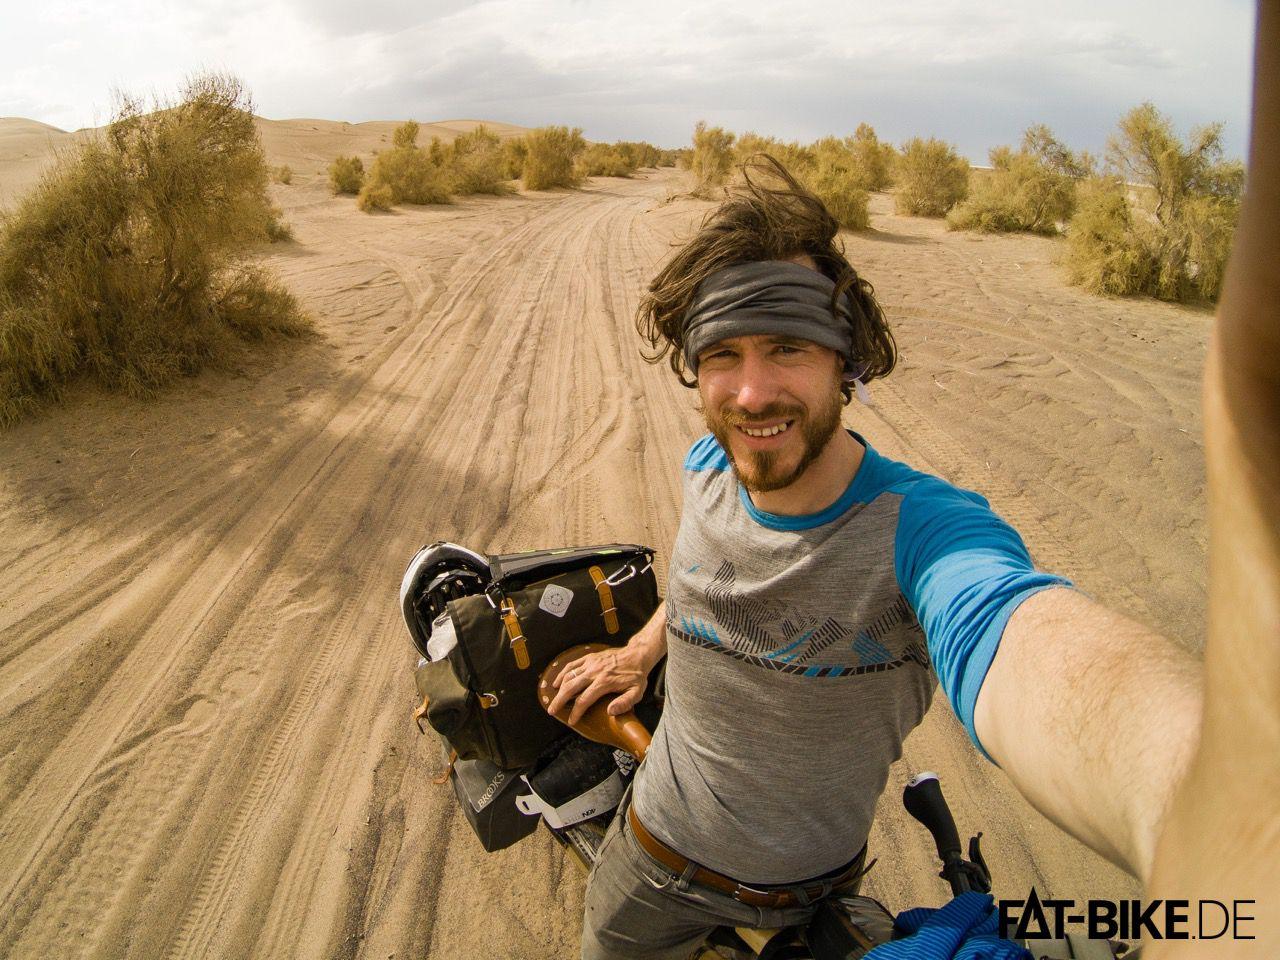 Ab durch die Wüste, mitten im Iran